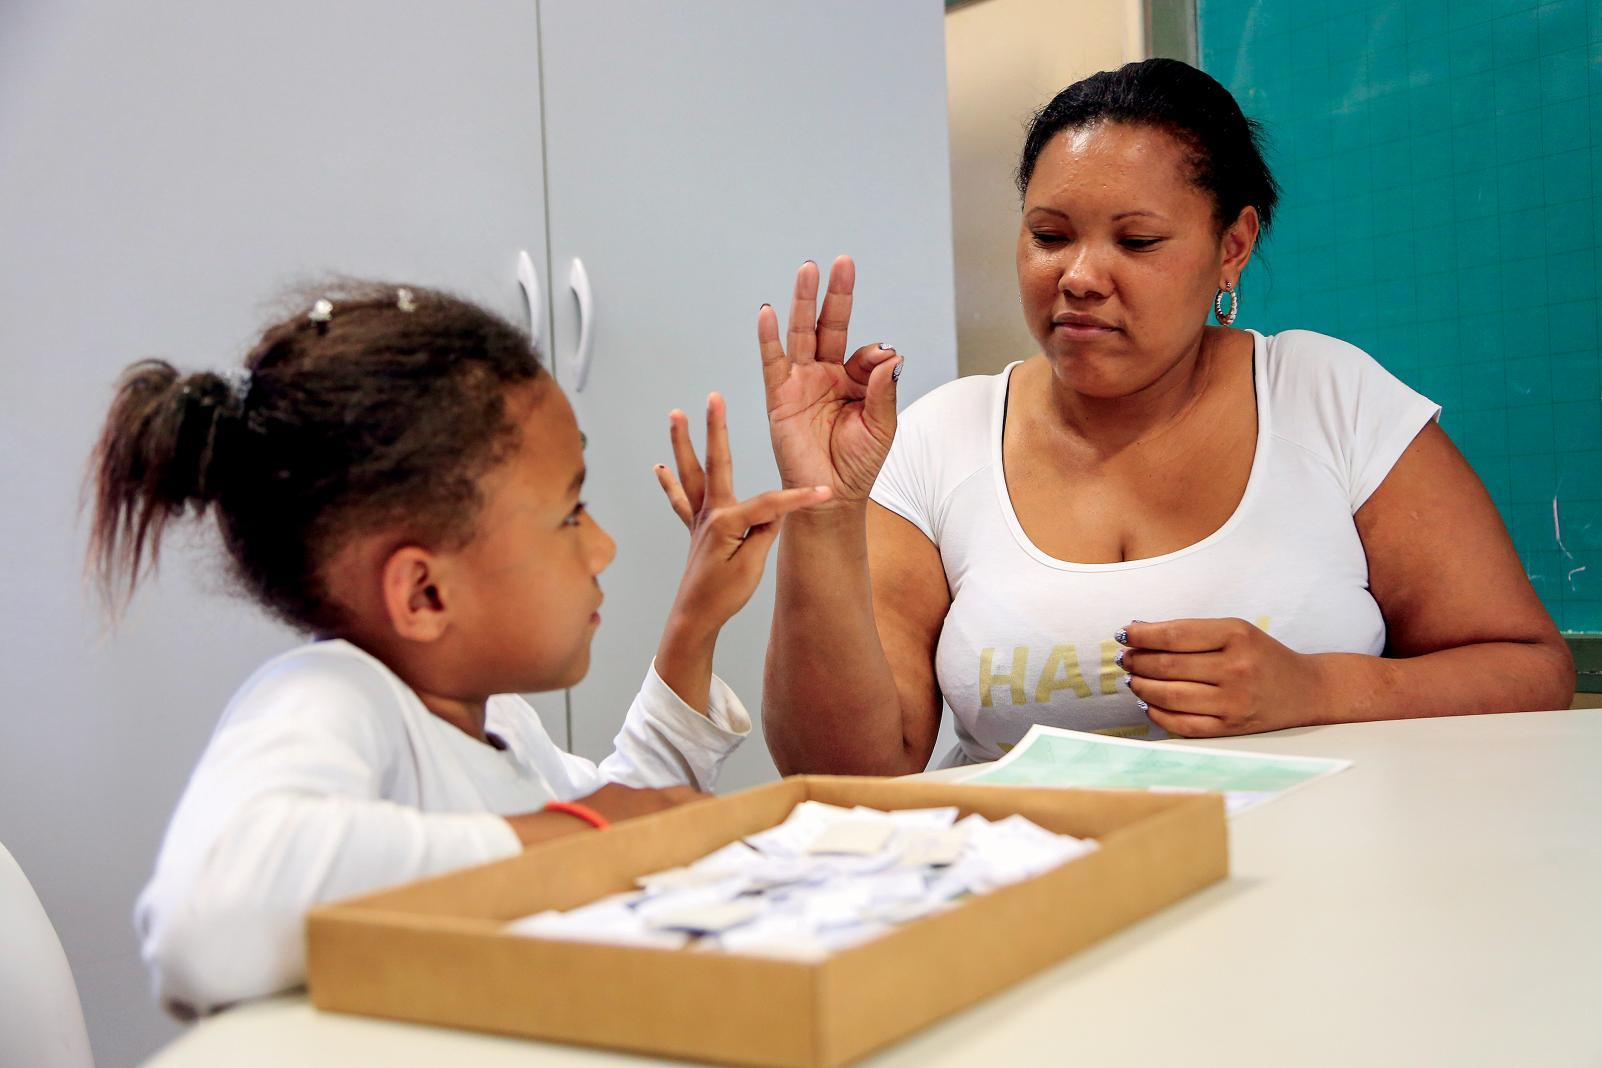 Imagem ilustrativa da solução Como falar com as crianças sobre o coronavírus